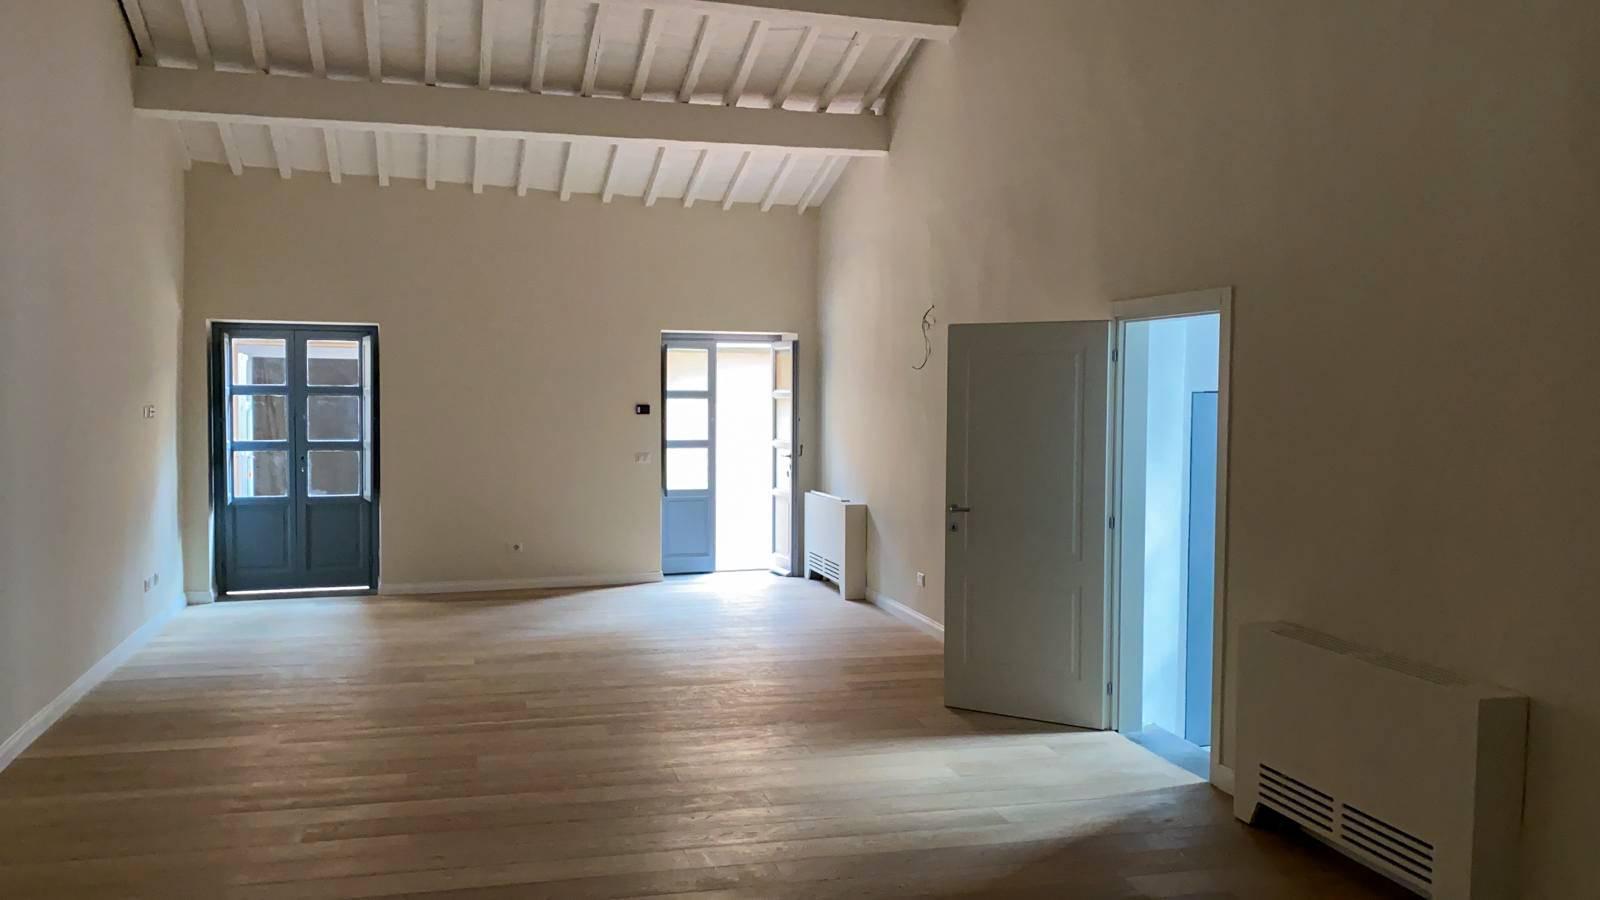 Appartamento in vendita a Firenze, 3 locali, zona Zona: 15 . Campo di Marte, Pagano, Amendola, Paolo Sarpi, Arena, prezzo € 695.000 | CambioCasa.it